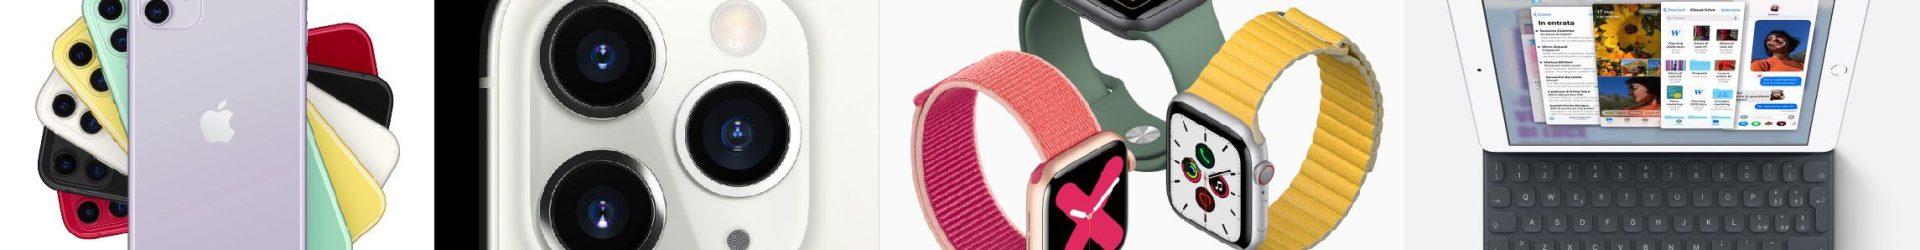 iPhone 11, Apple Watch Series 5 ed iPad 7 da 10.2″ presentati ufficialmente